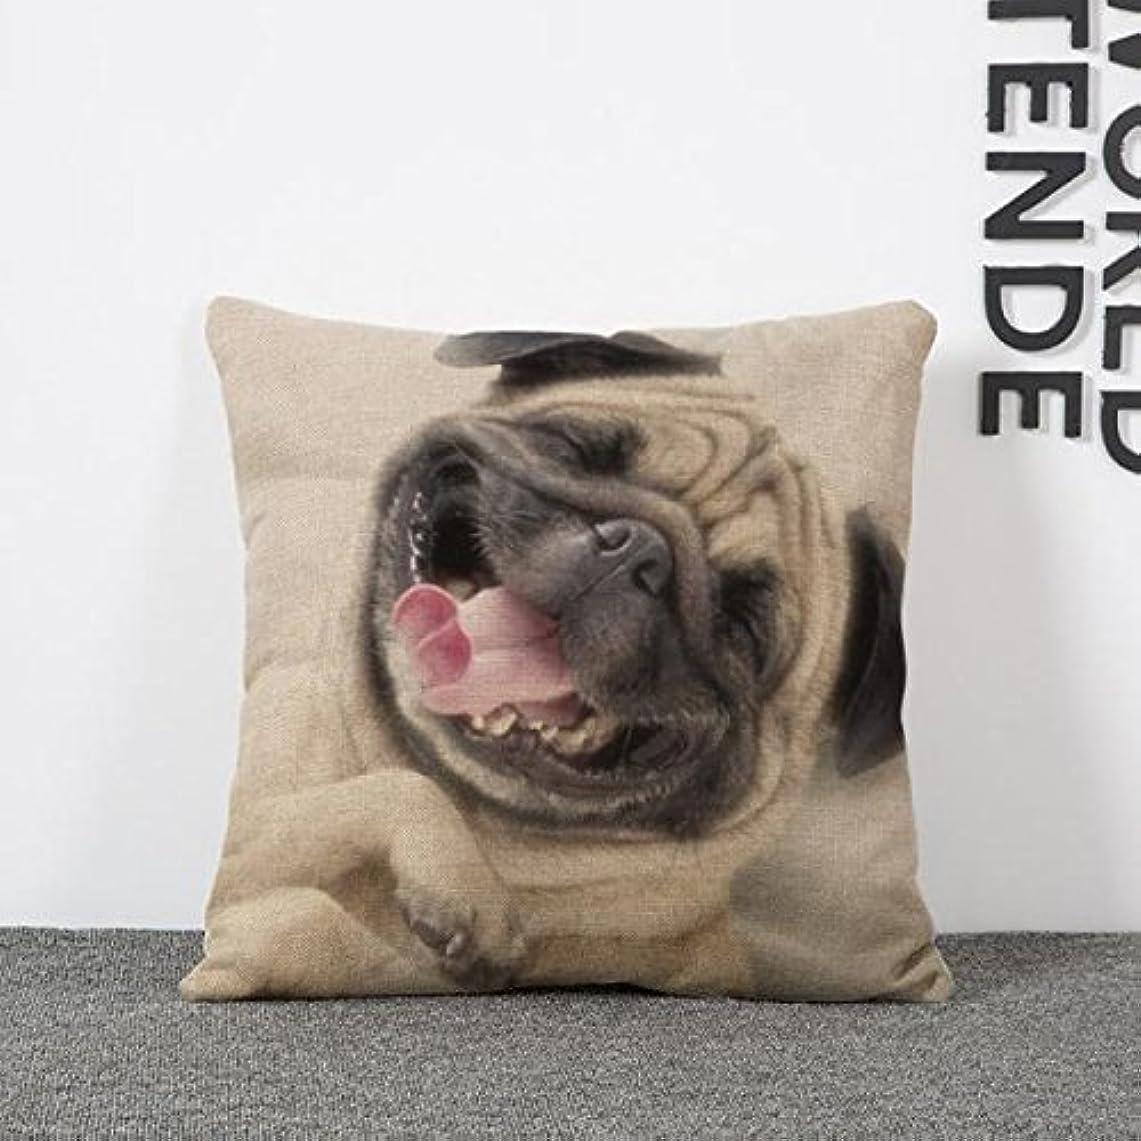 検出可能風刺戦術クッションカバー 犬 枕 装飾 45 * 45cm 漫画 ソファ ベッド コットン